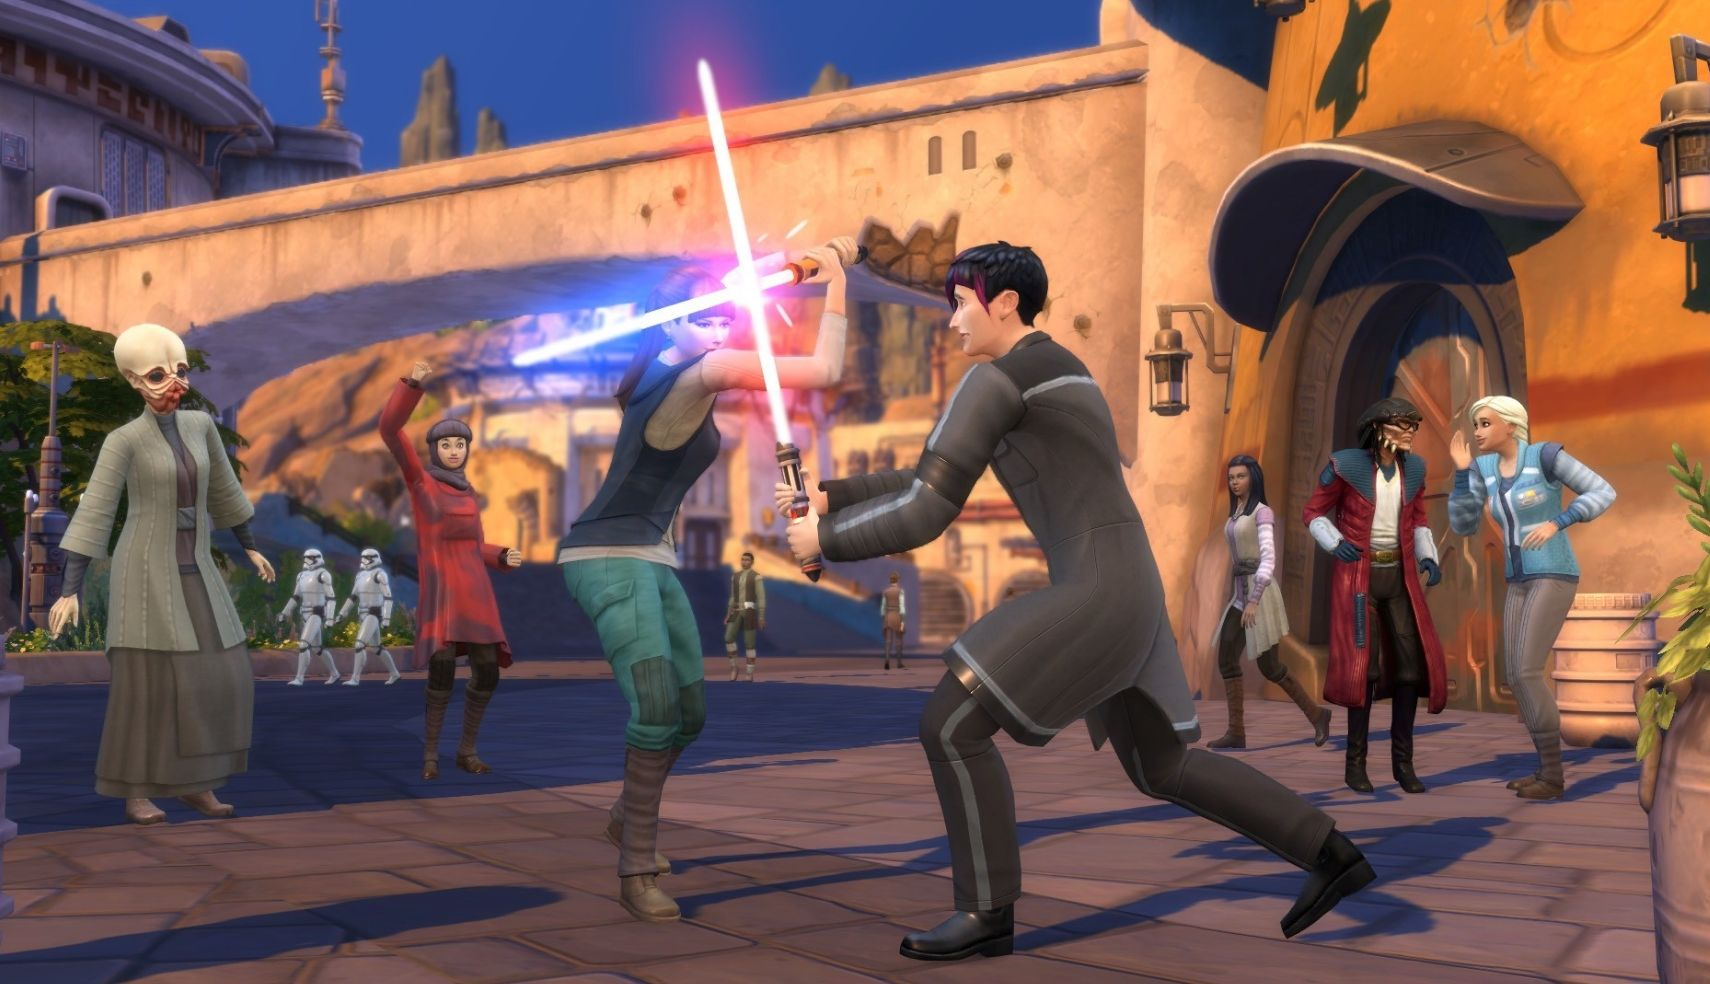 Sims 4 Reise nach Batuu Sims beim Lichtschwertkampf auf Batuu